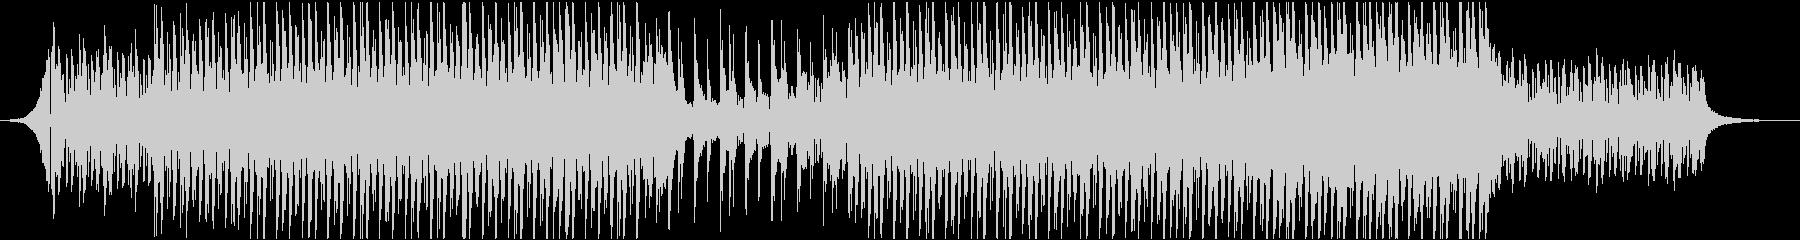 エレキギター ピアノ クール 映像用の未再生の波形